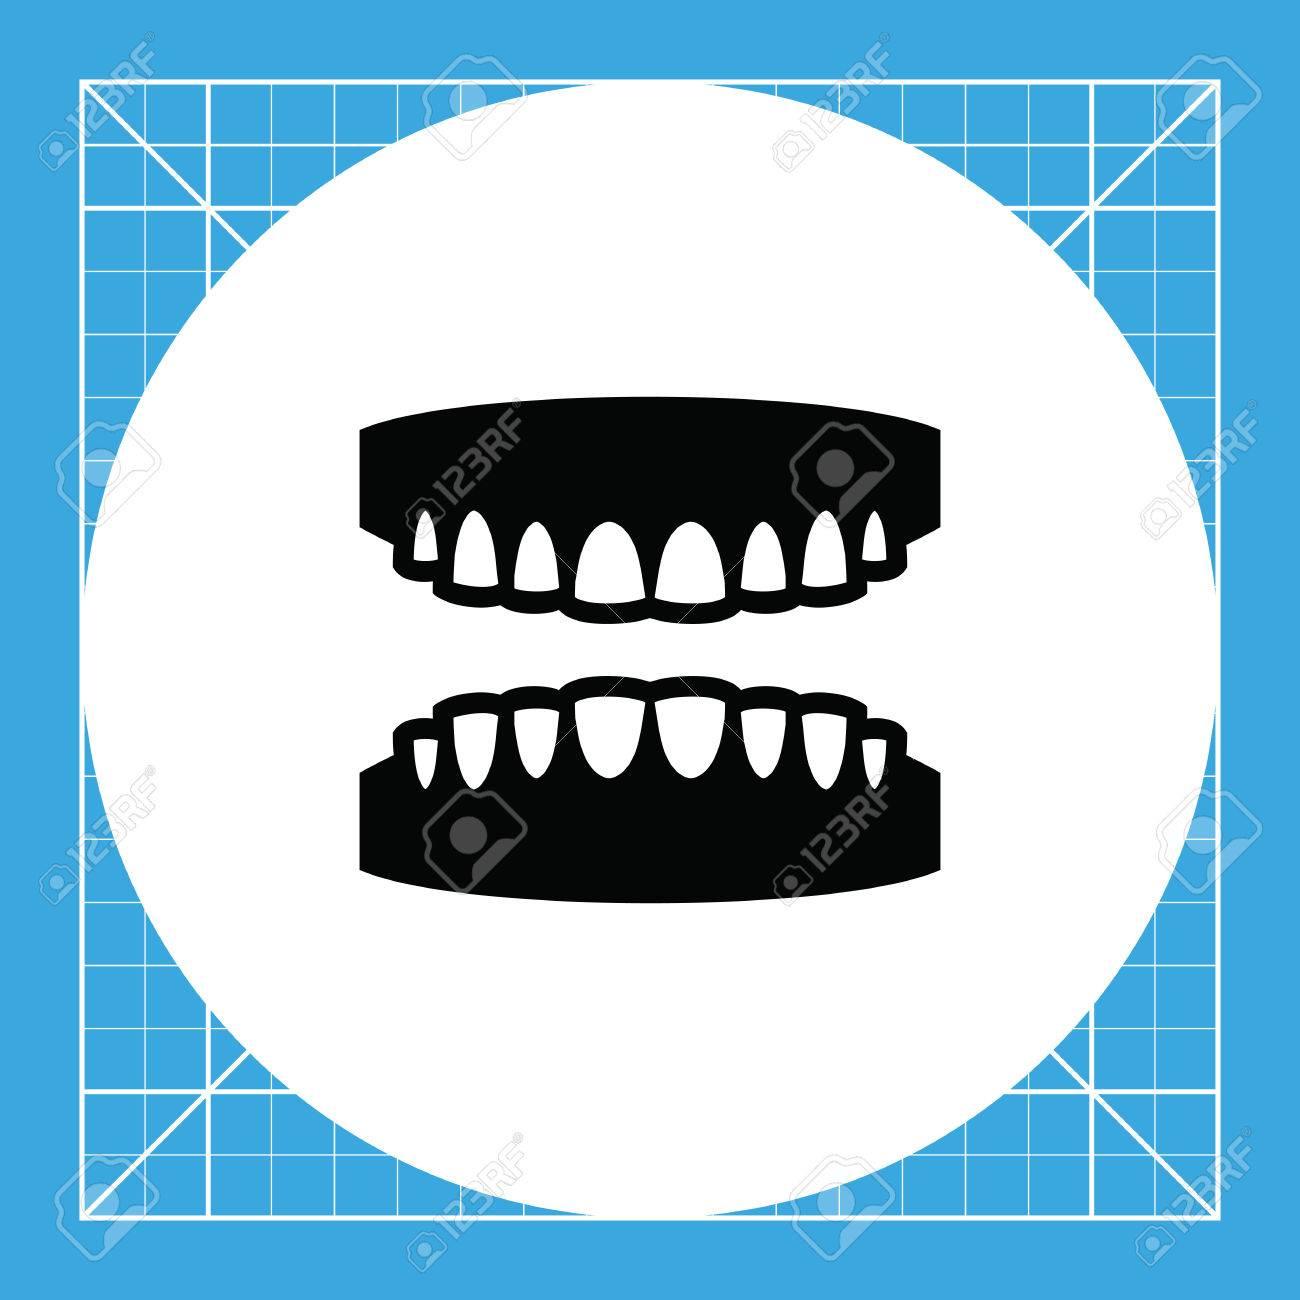 Gums Mit Den Zähnen. Mund, Zahnmedizin, Pflege. Zähne-Konzept. Kann ...